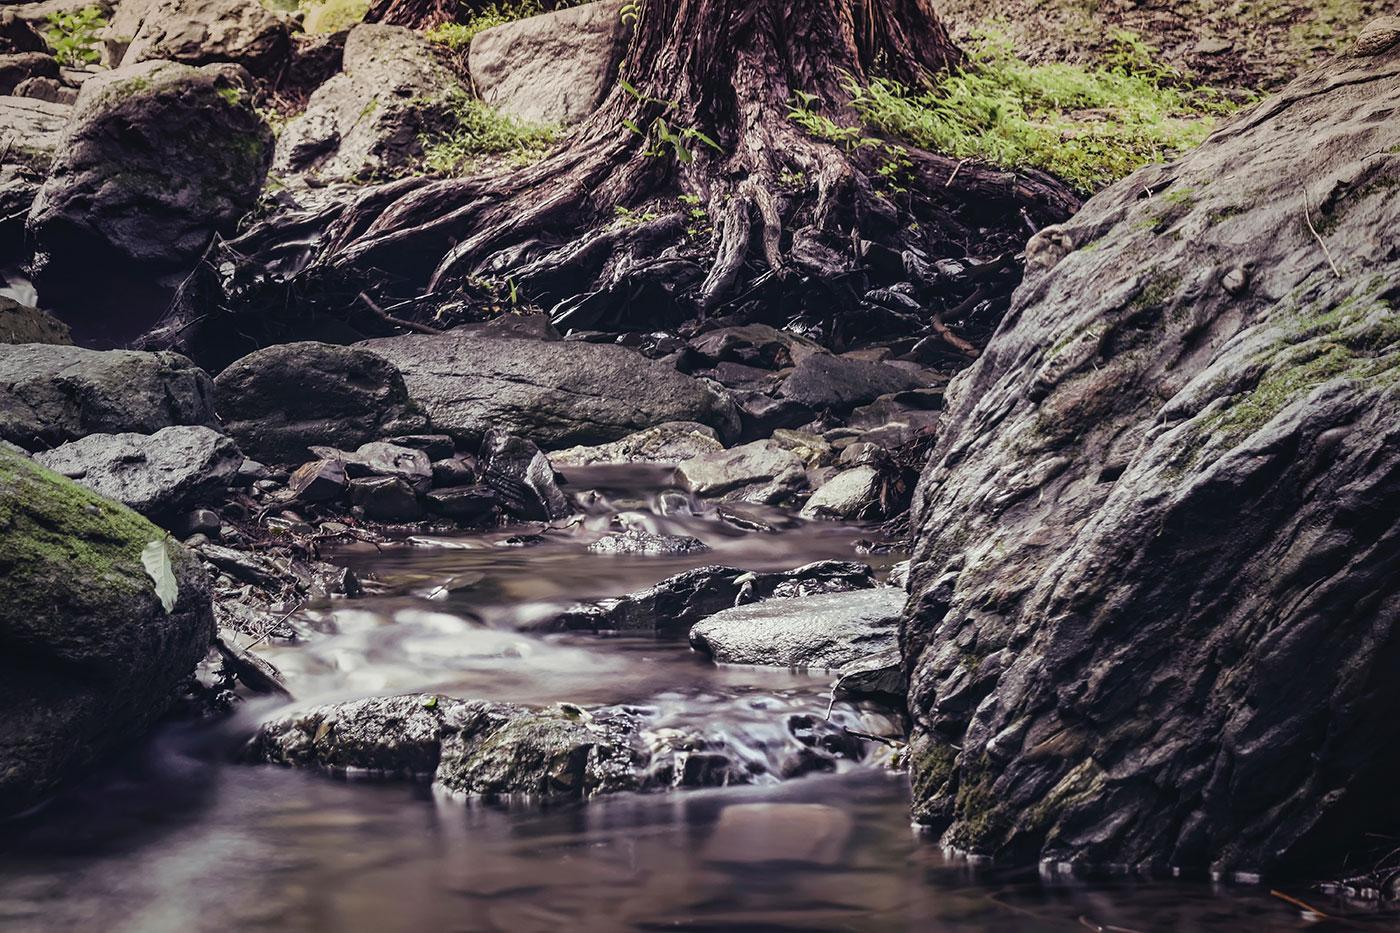 Vous êtes riverain de la Risle ou d'un de ses affluents ? Répondez à un questionnaire anonyme sur la rivière !